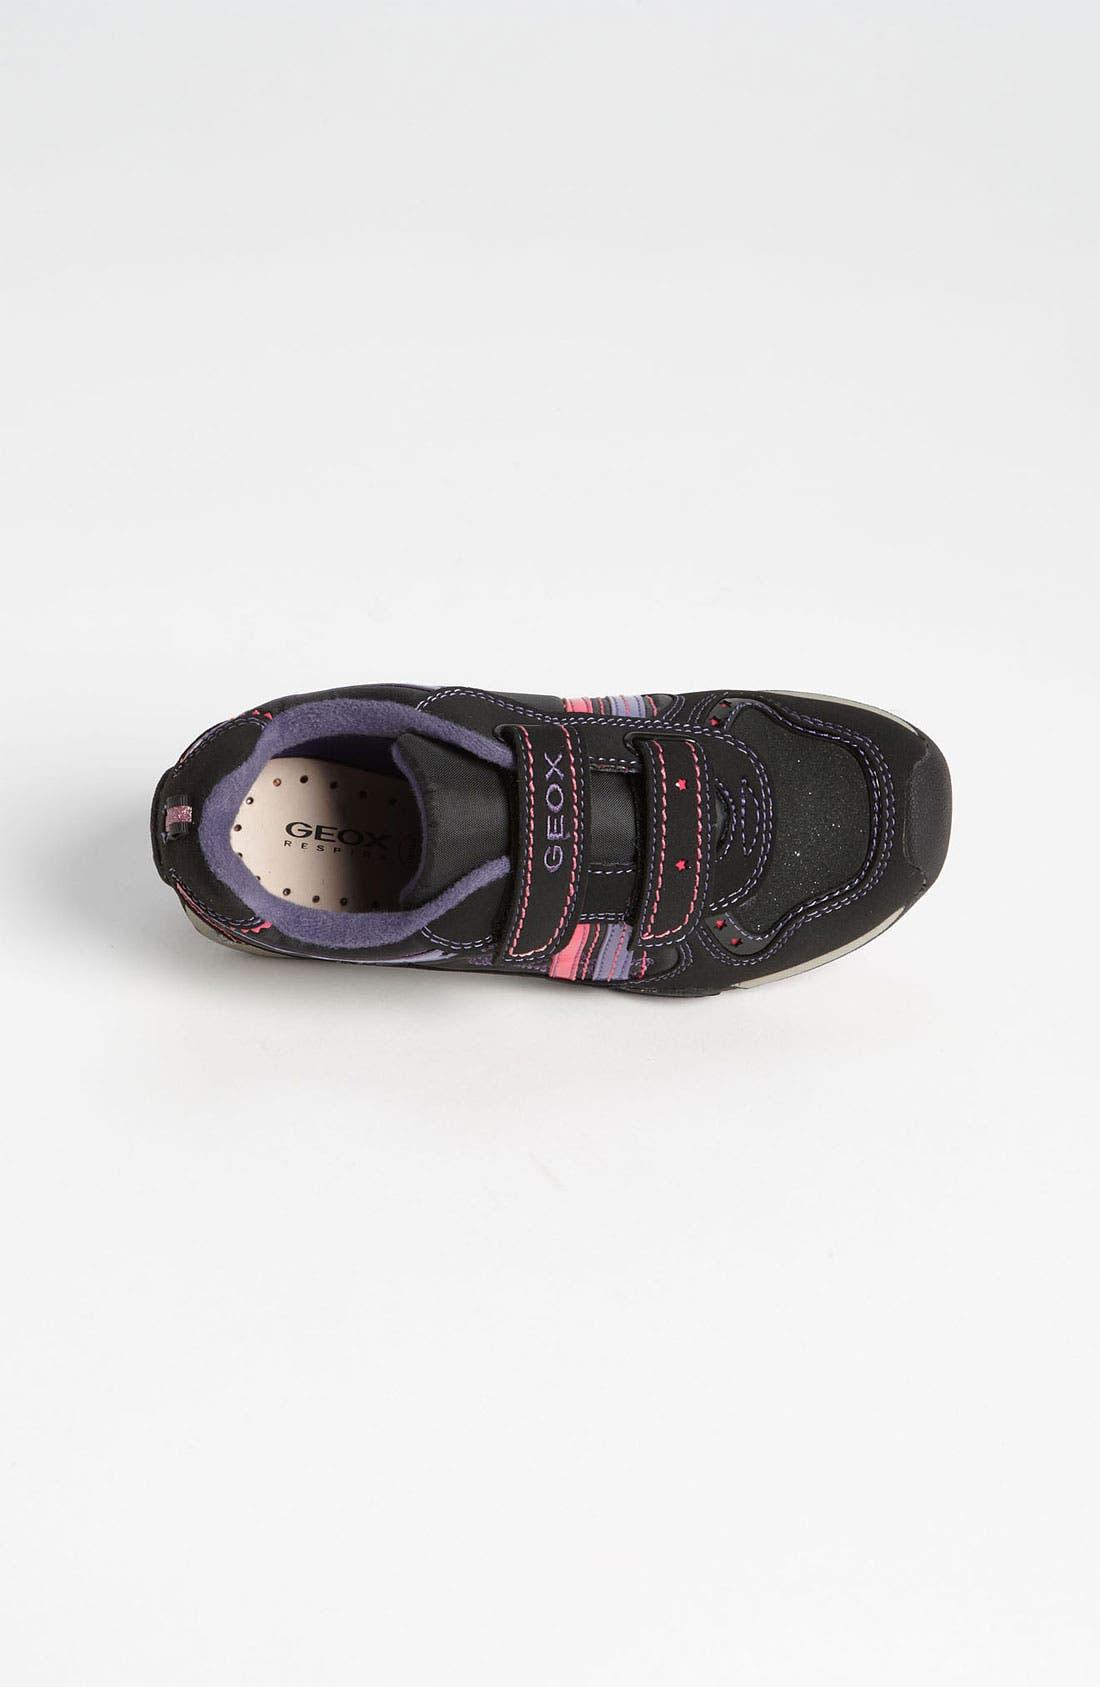 Alternate Image 3  - Geox 'Jocker Girl' Sneaker (Toddler & Little Kid)